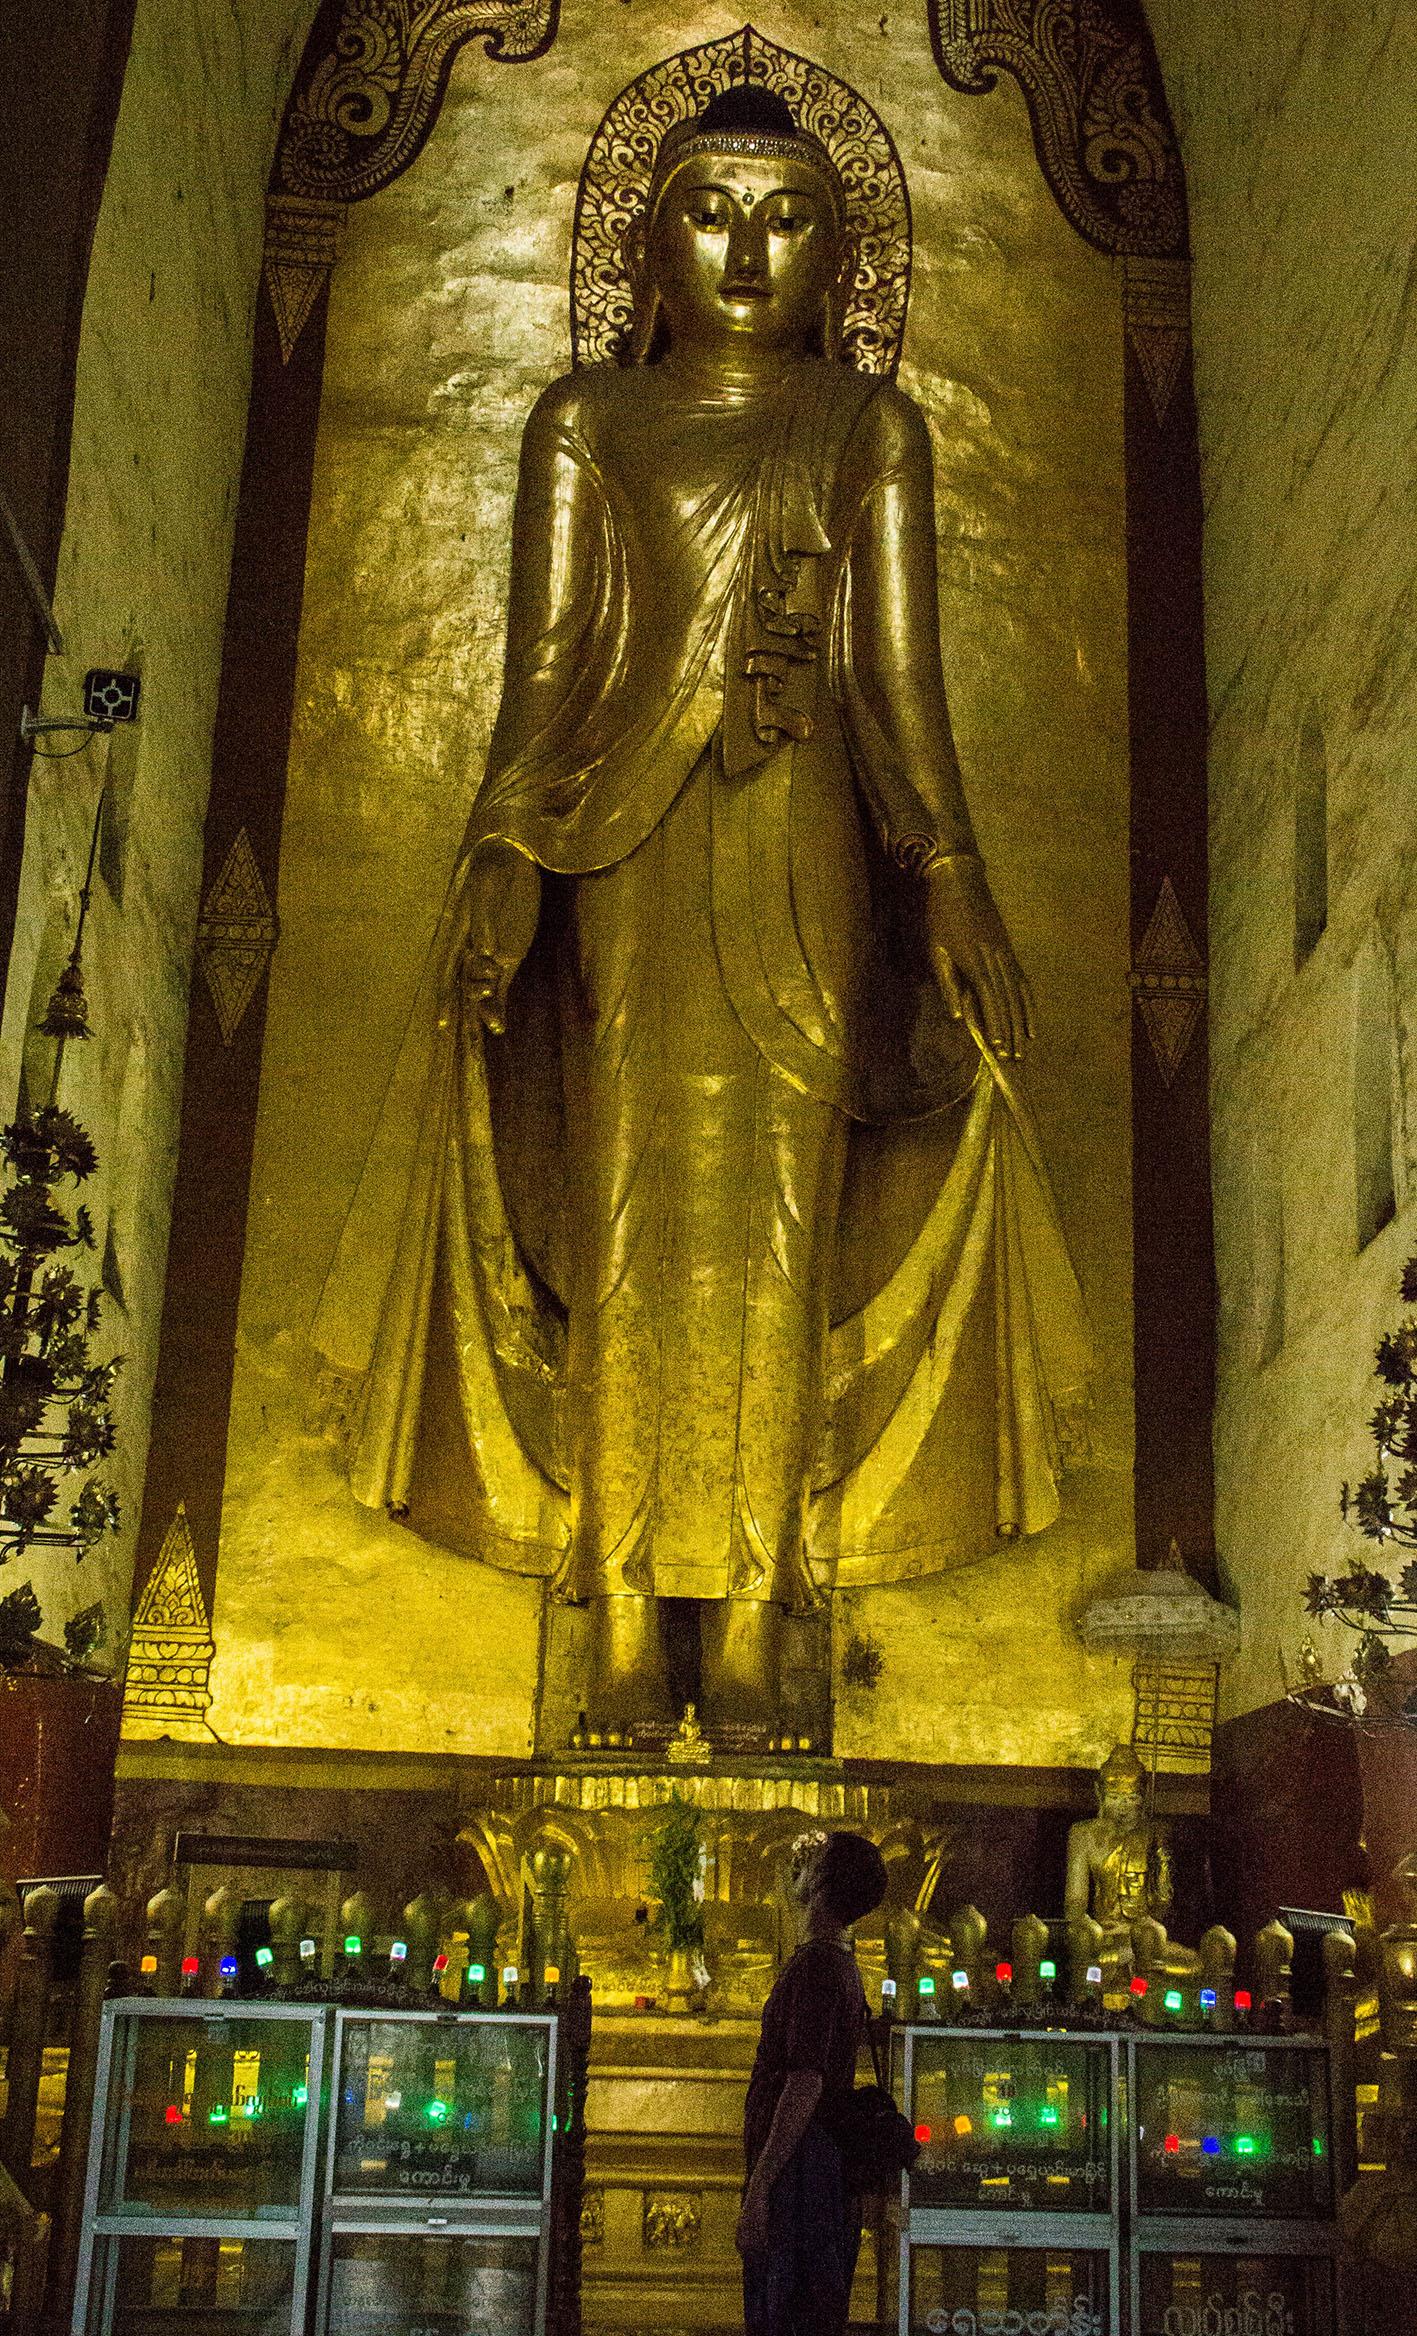 baganpagoda-17